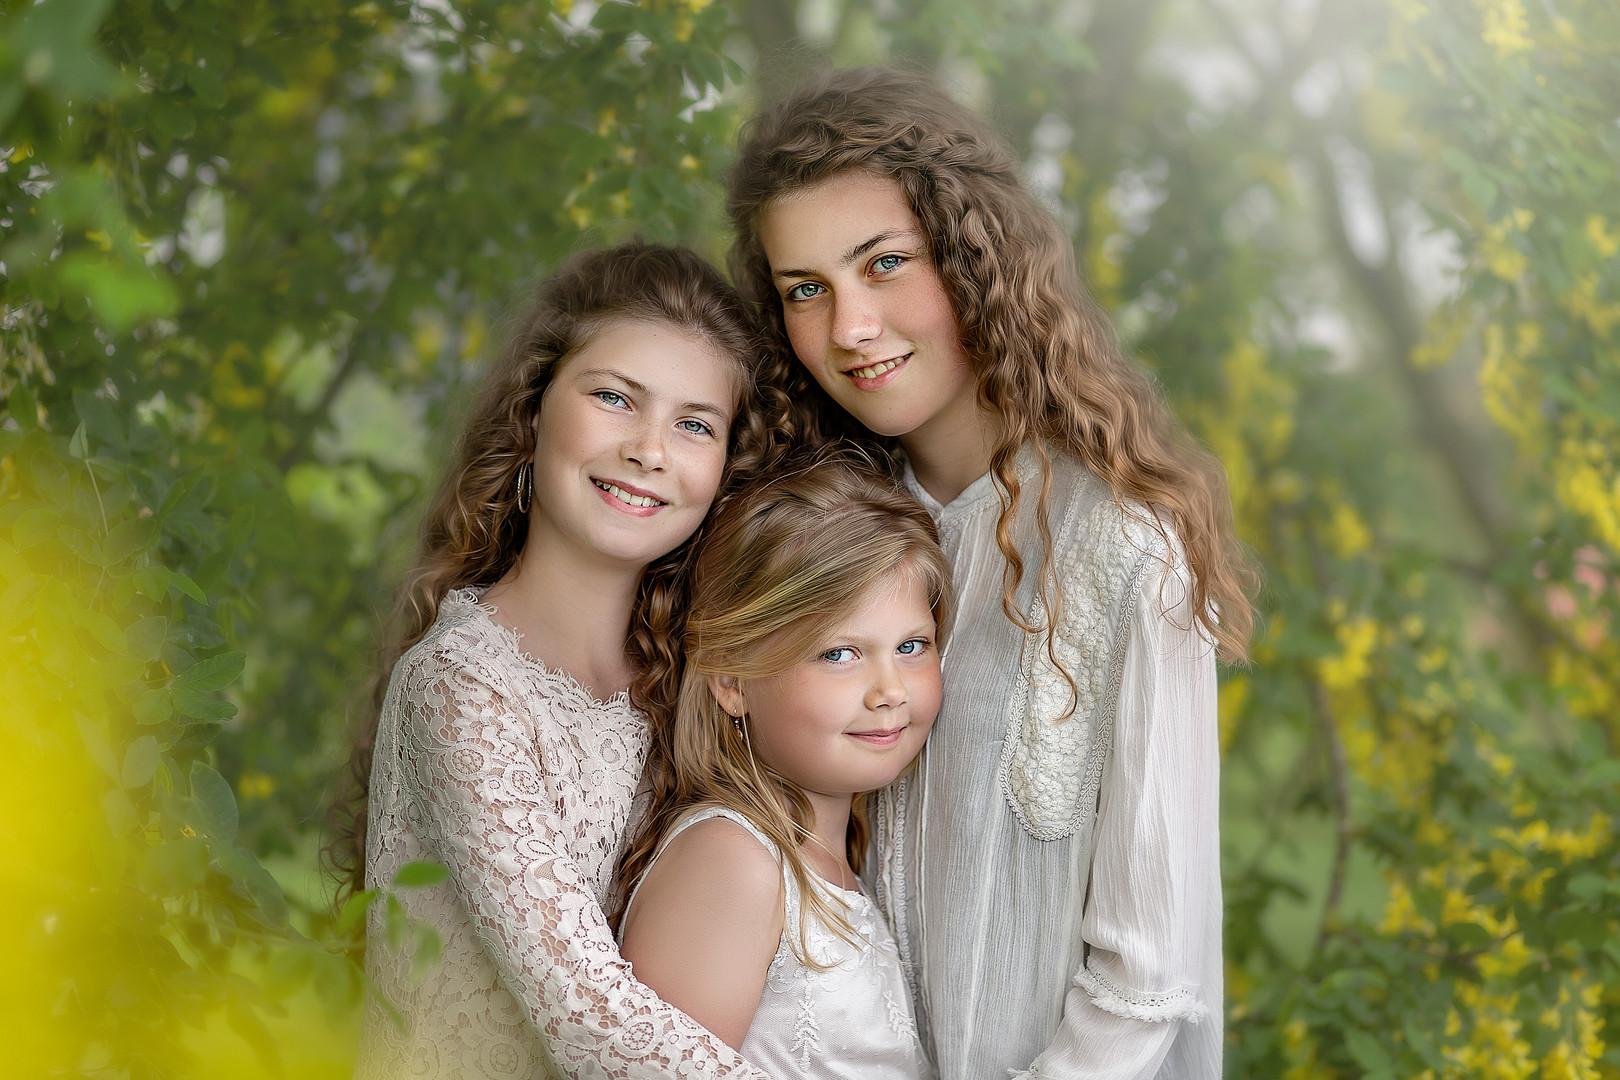 søskende - børnefotografering